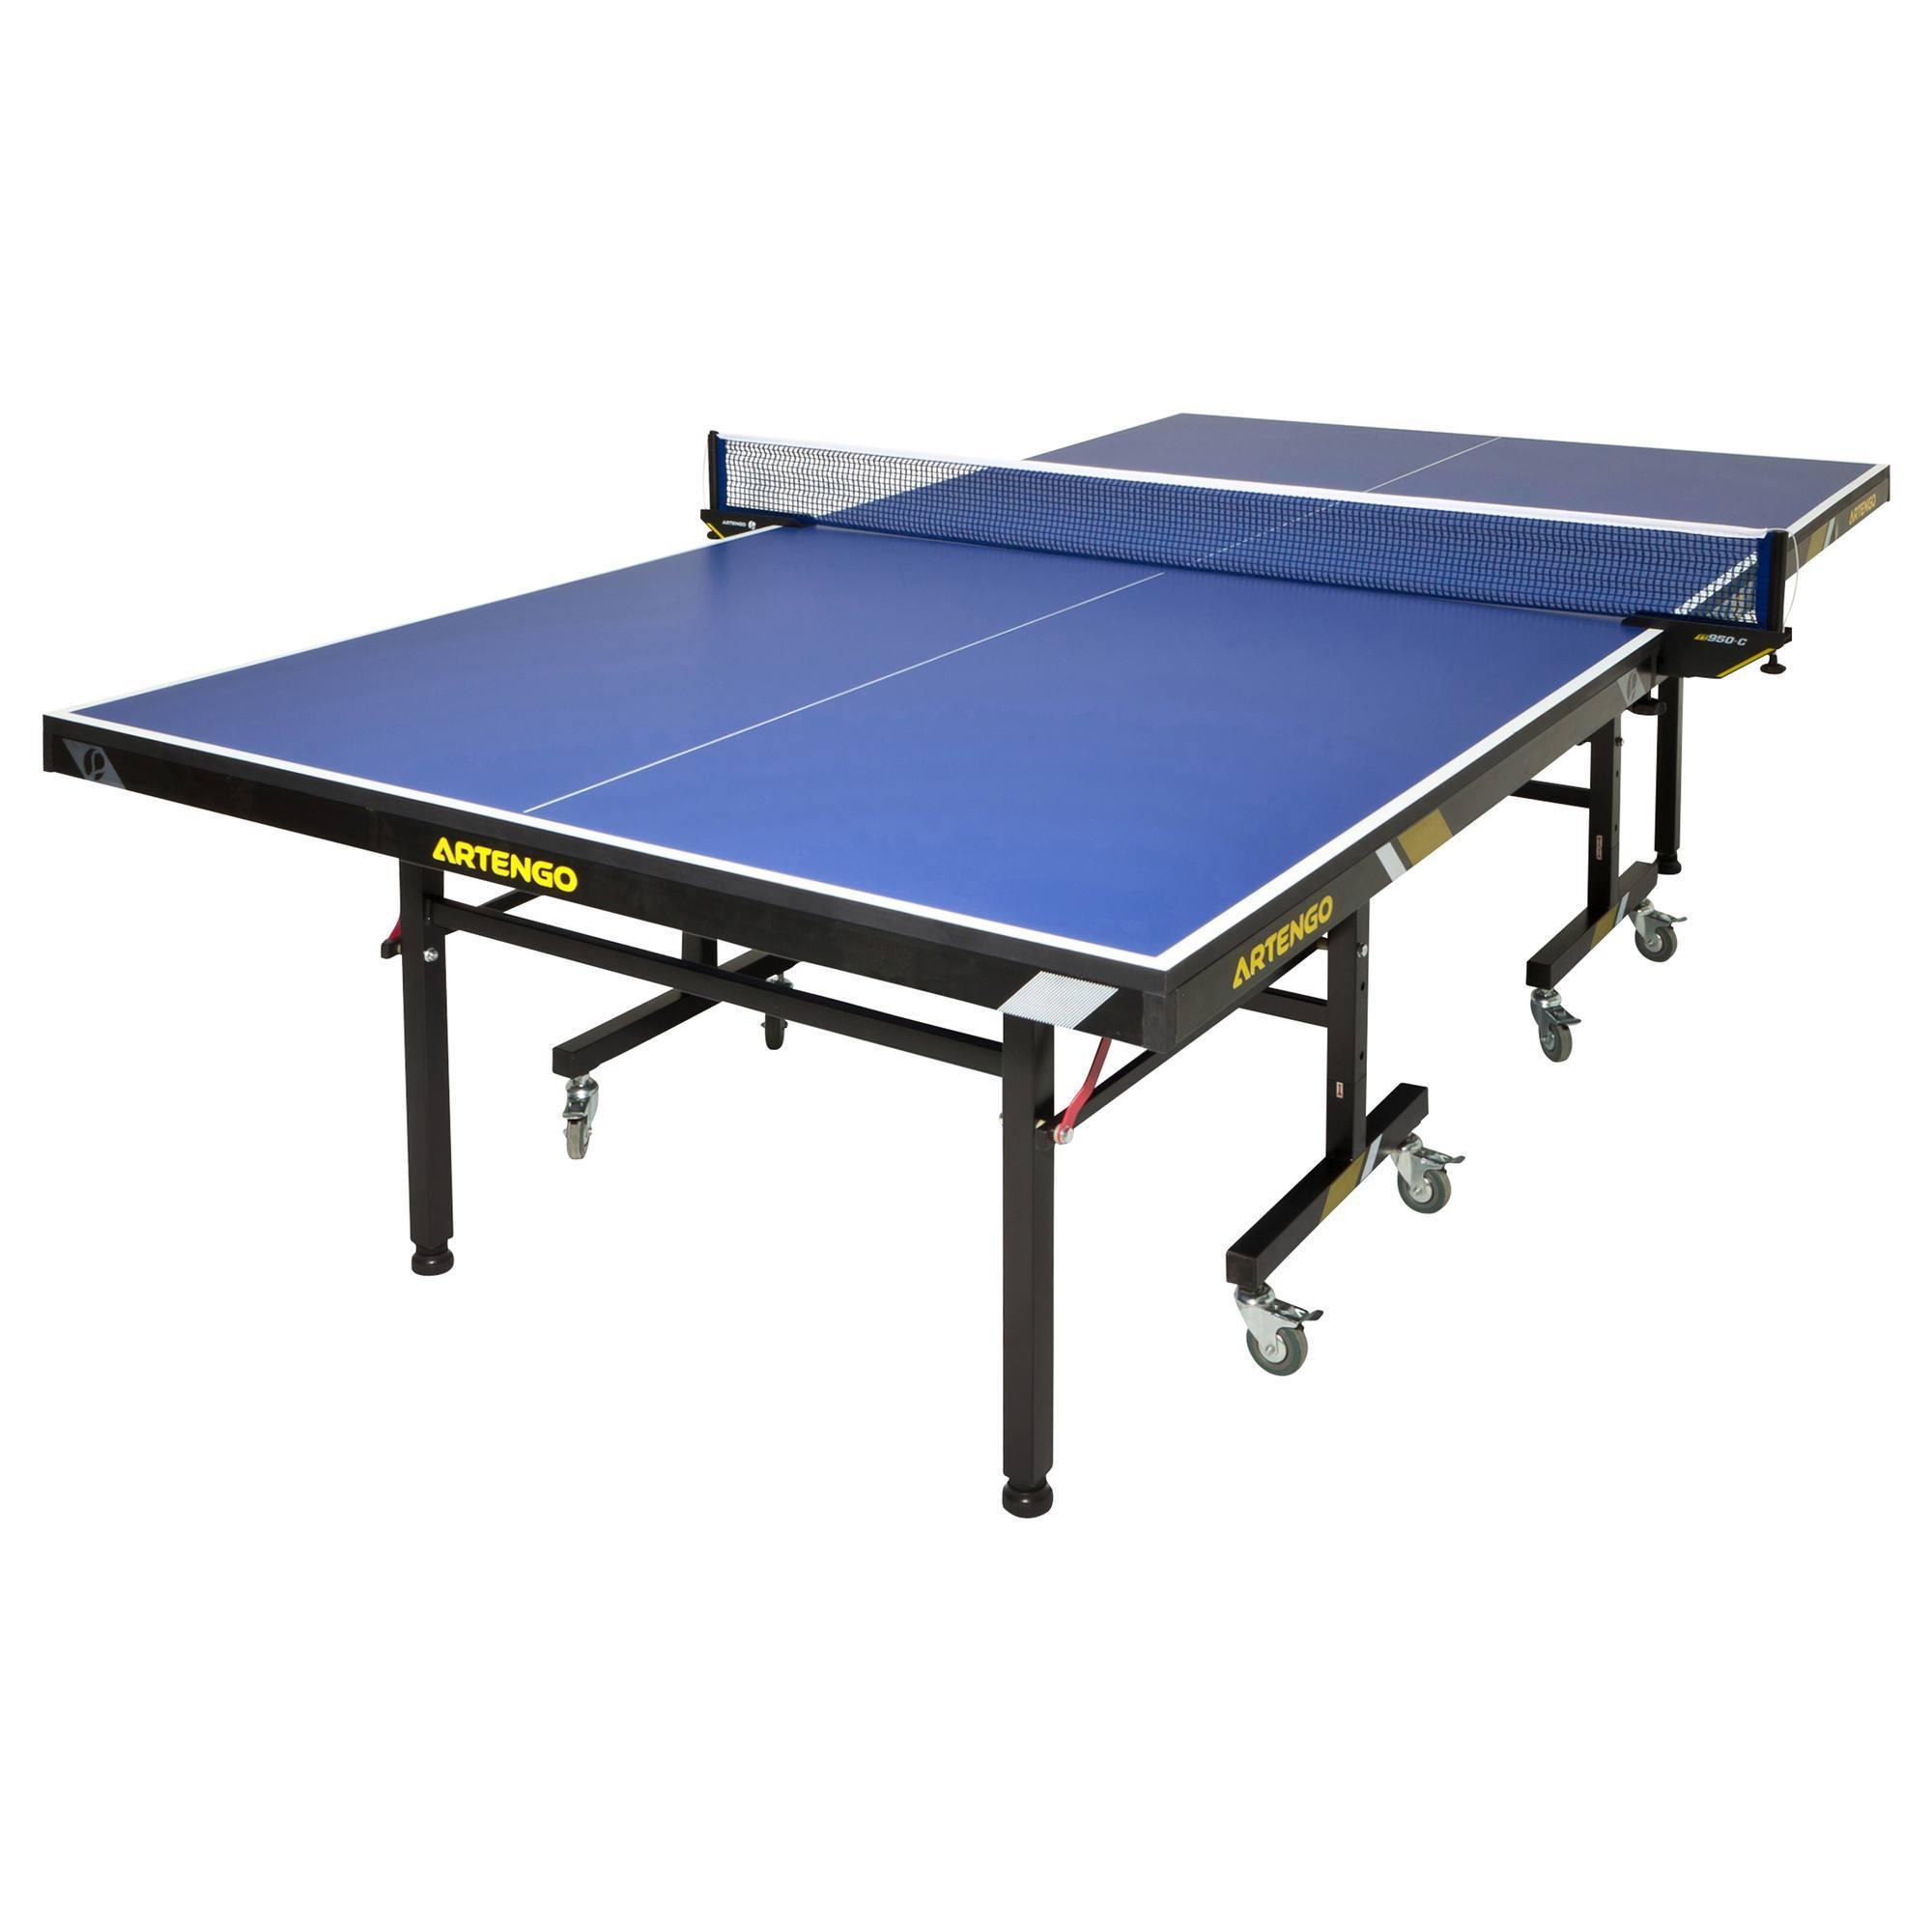 TABLE DE PING PONG FT950 HOMOLOGUEE FFTT BLEU